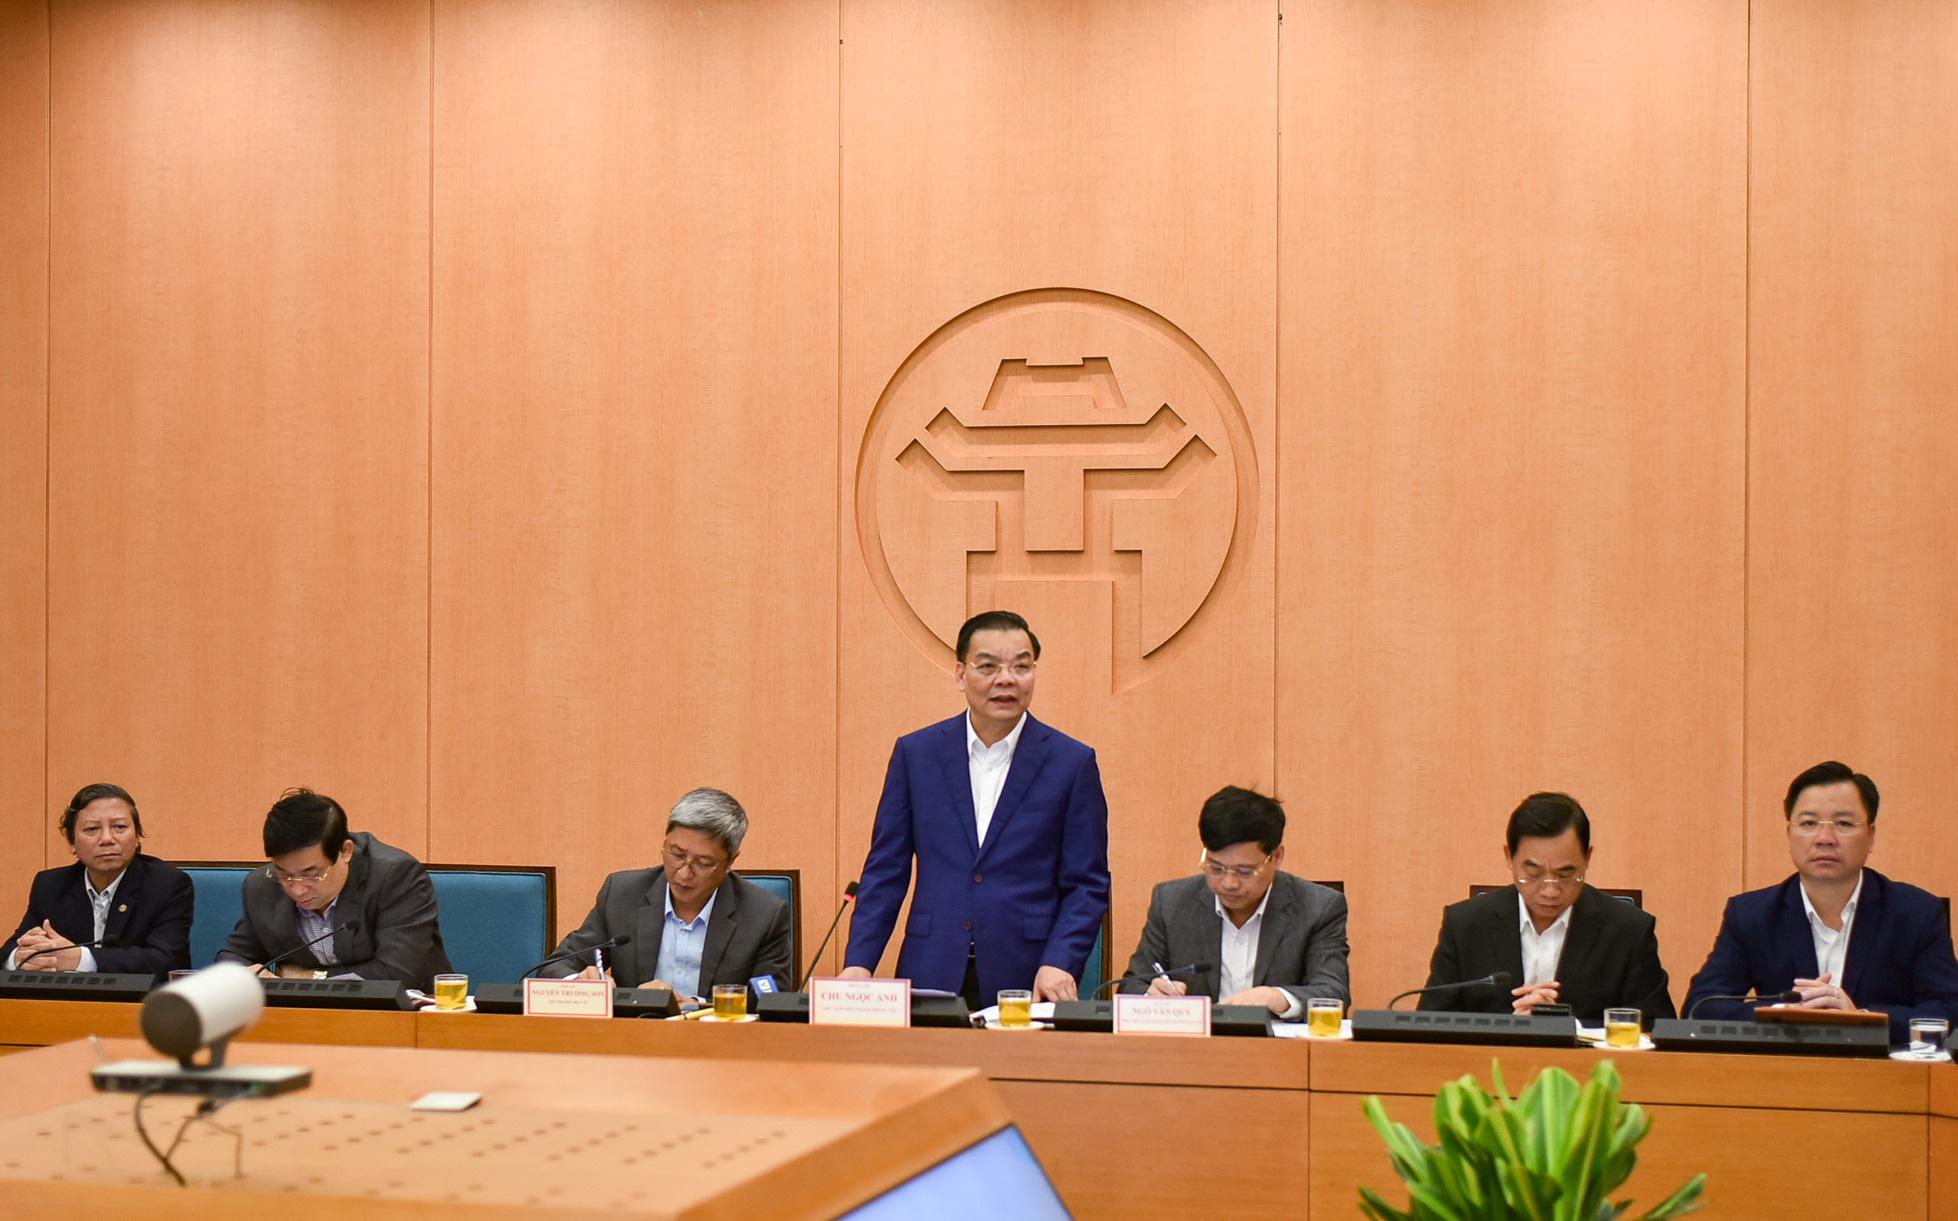 Xuất hiện ca bệnh ngoài cộng đồng tại TP.HCM, Chủ tịch Hà Nội chỉ đạo khẩn